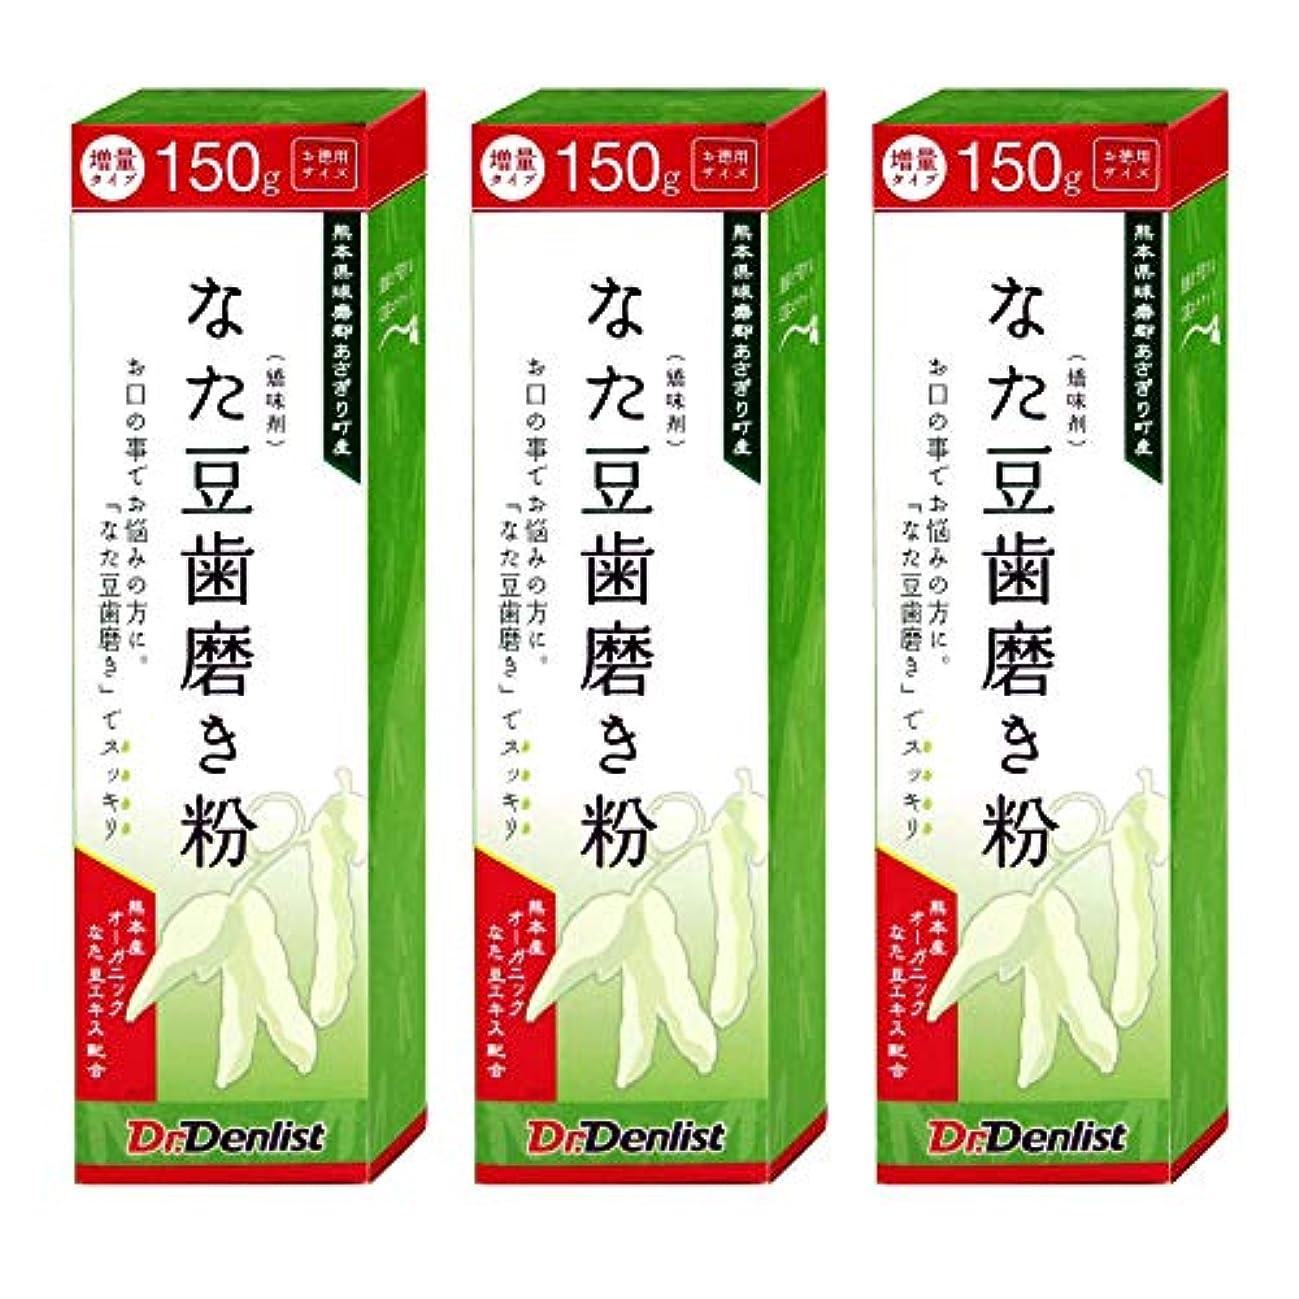 口径割合豚肉DrDenlist なた豆歯磨き粉 150g 3本セット 熊本県球磨郡あさぎり町産